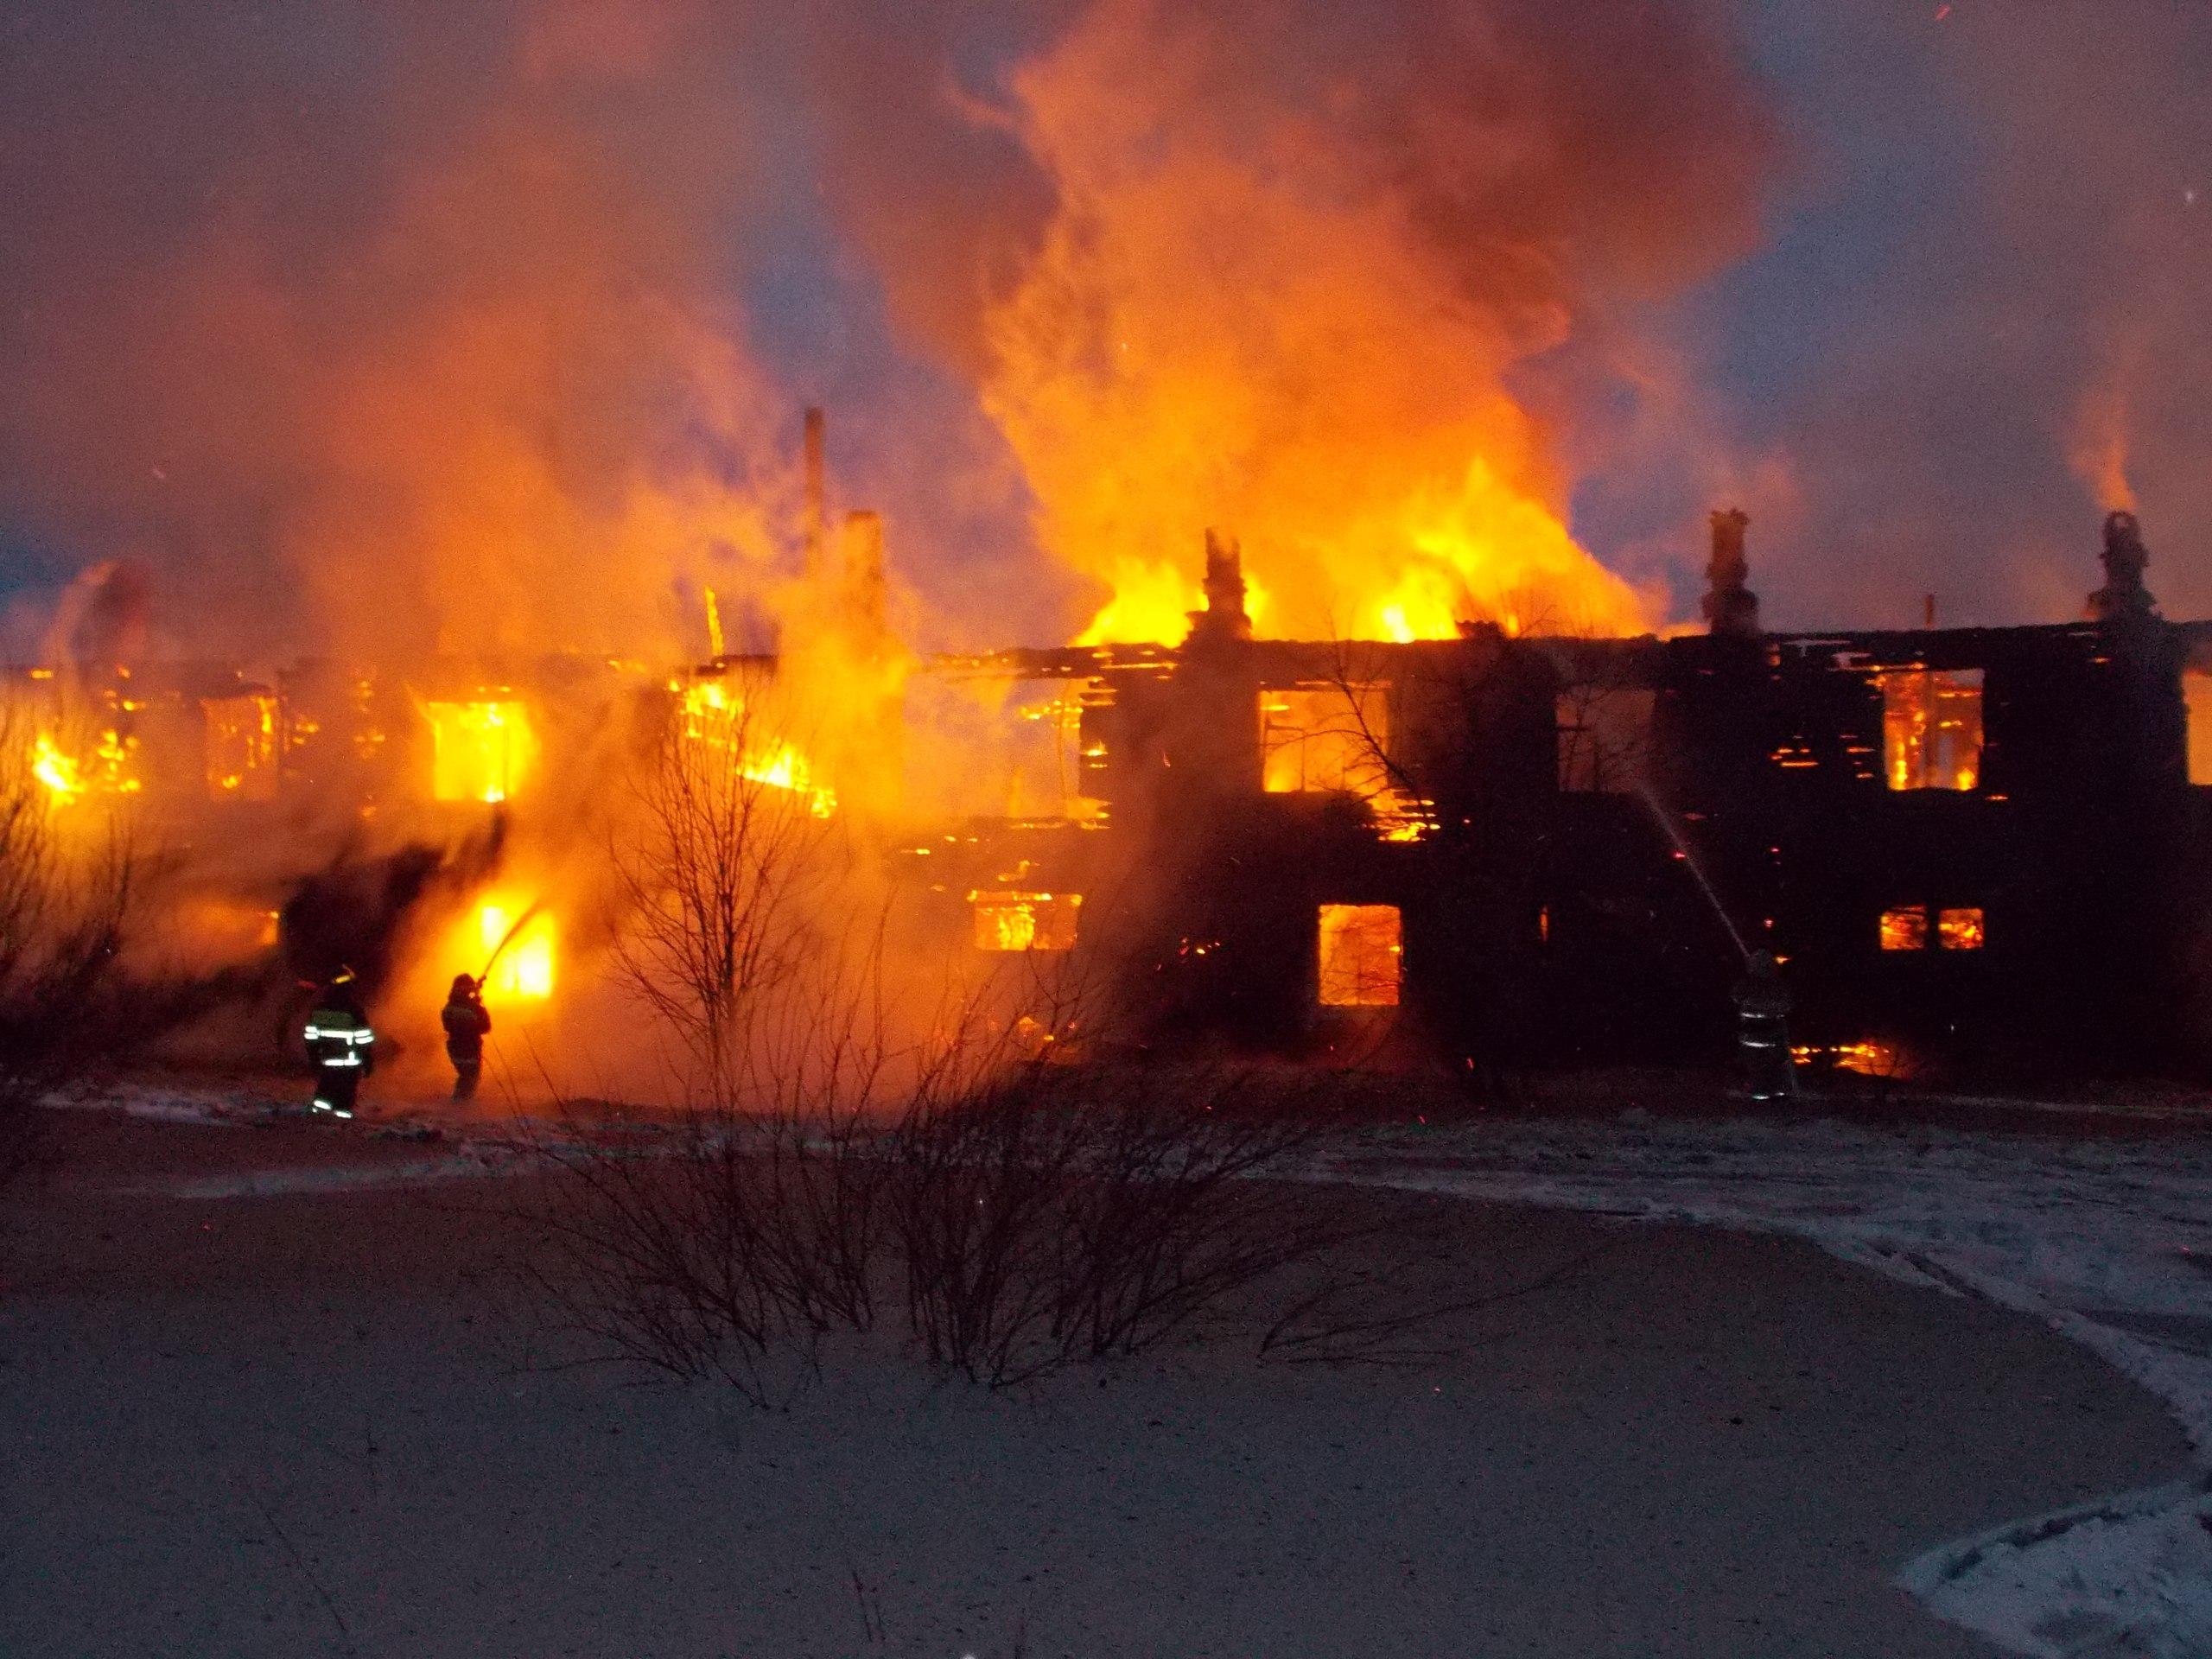 В п. Безбожник Мурашинского района сгорел восьмиквартирный жилой дом.